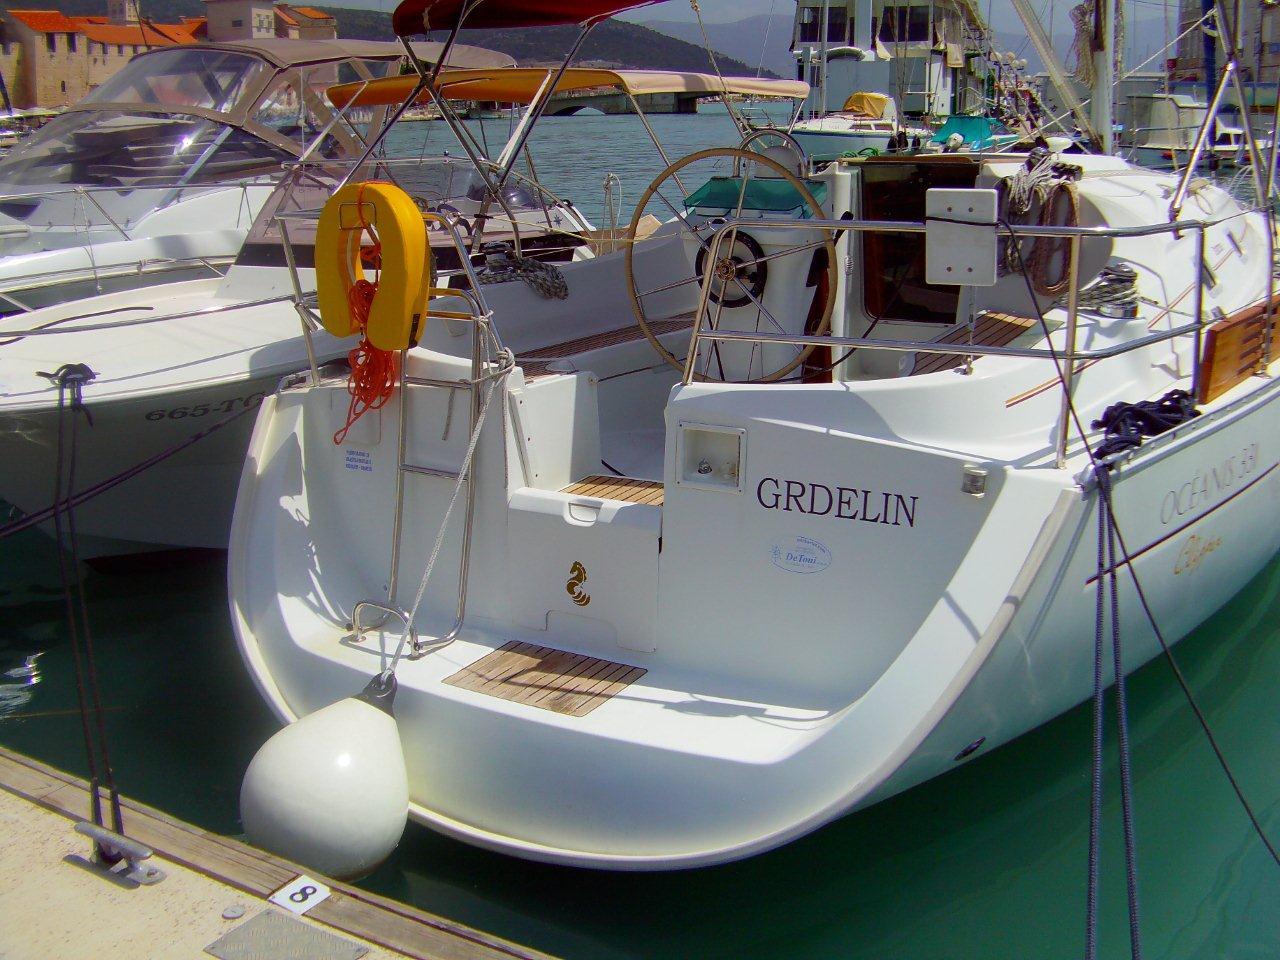 Grdelin Beneteau Oceanis 331 Clipper